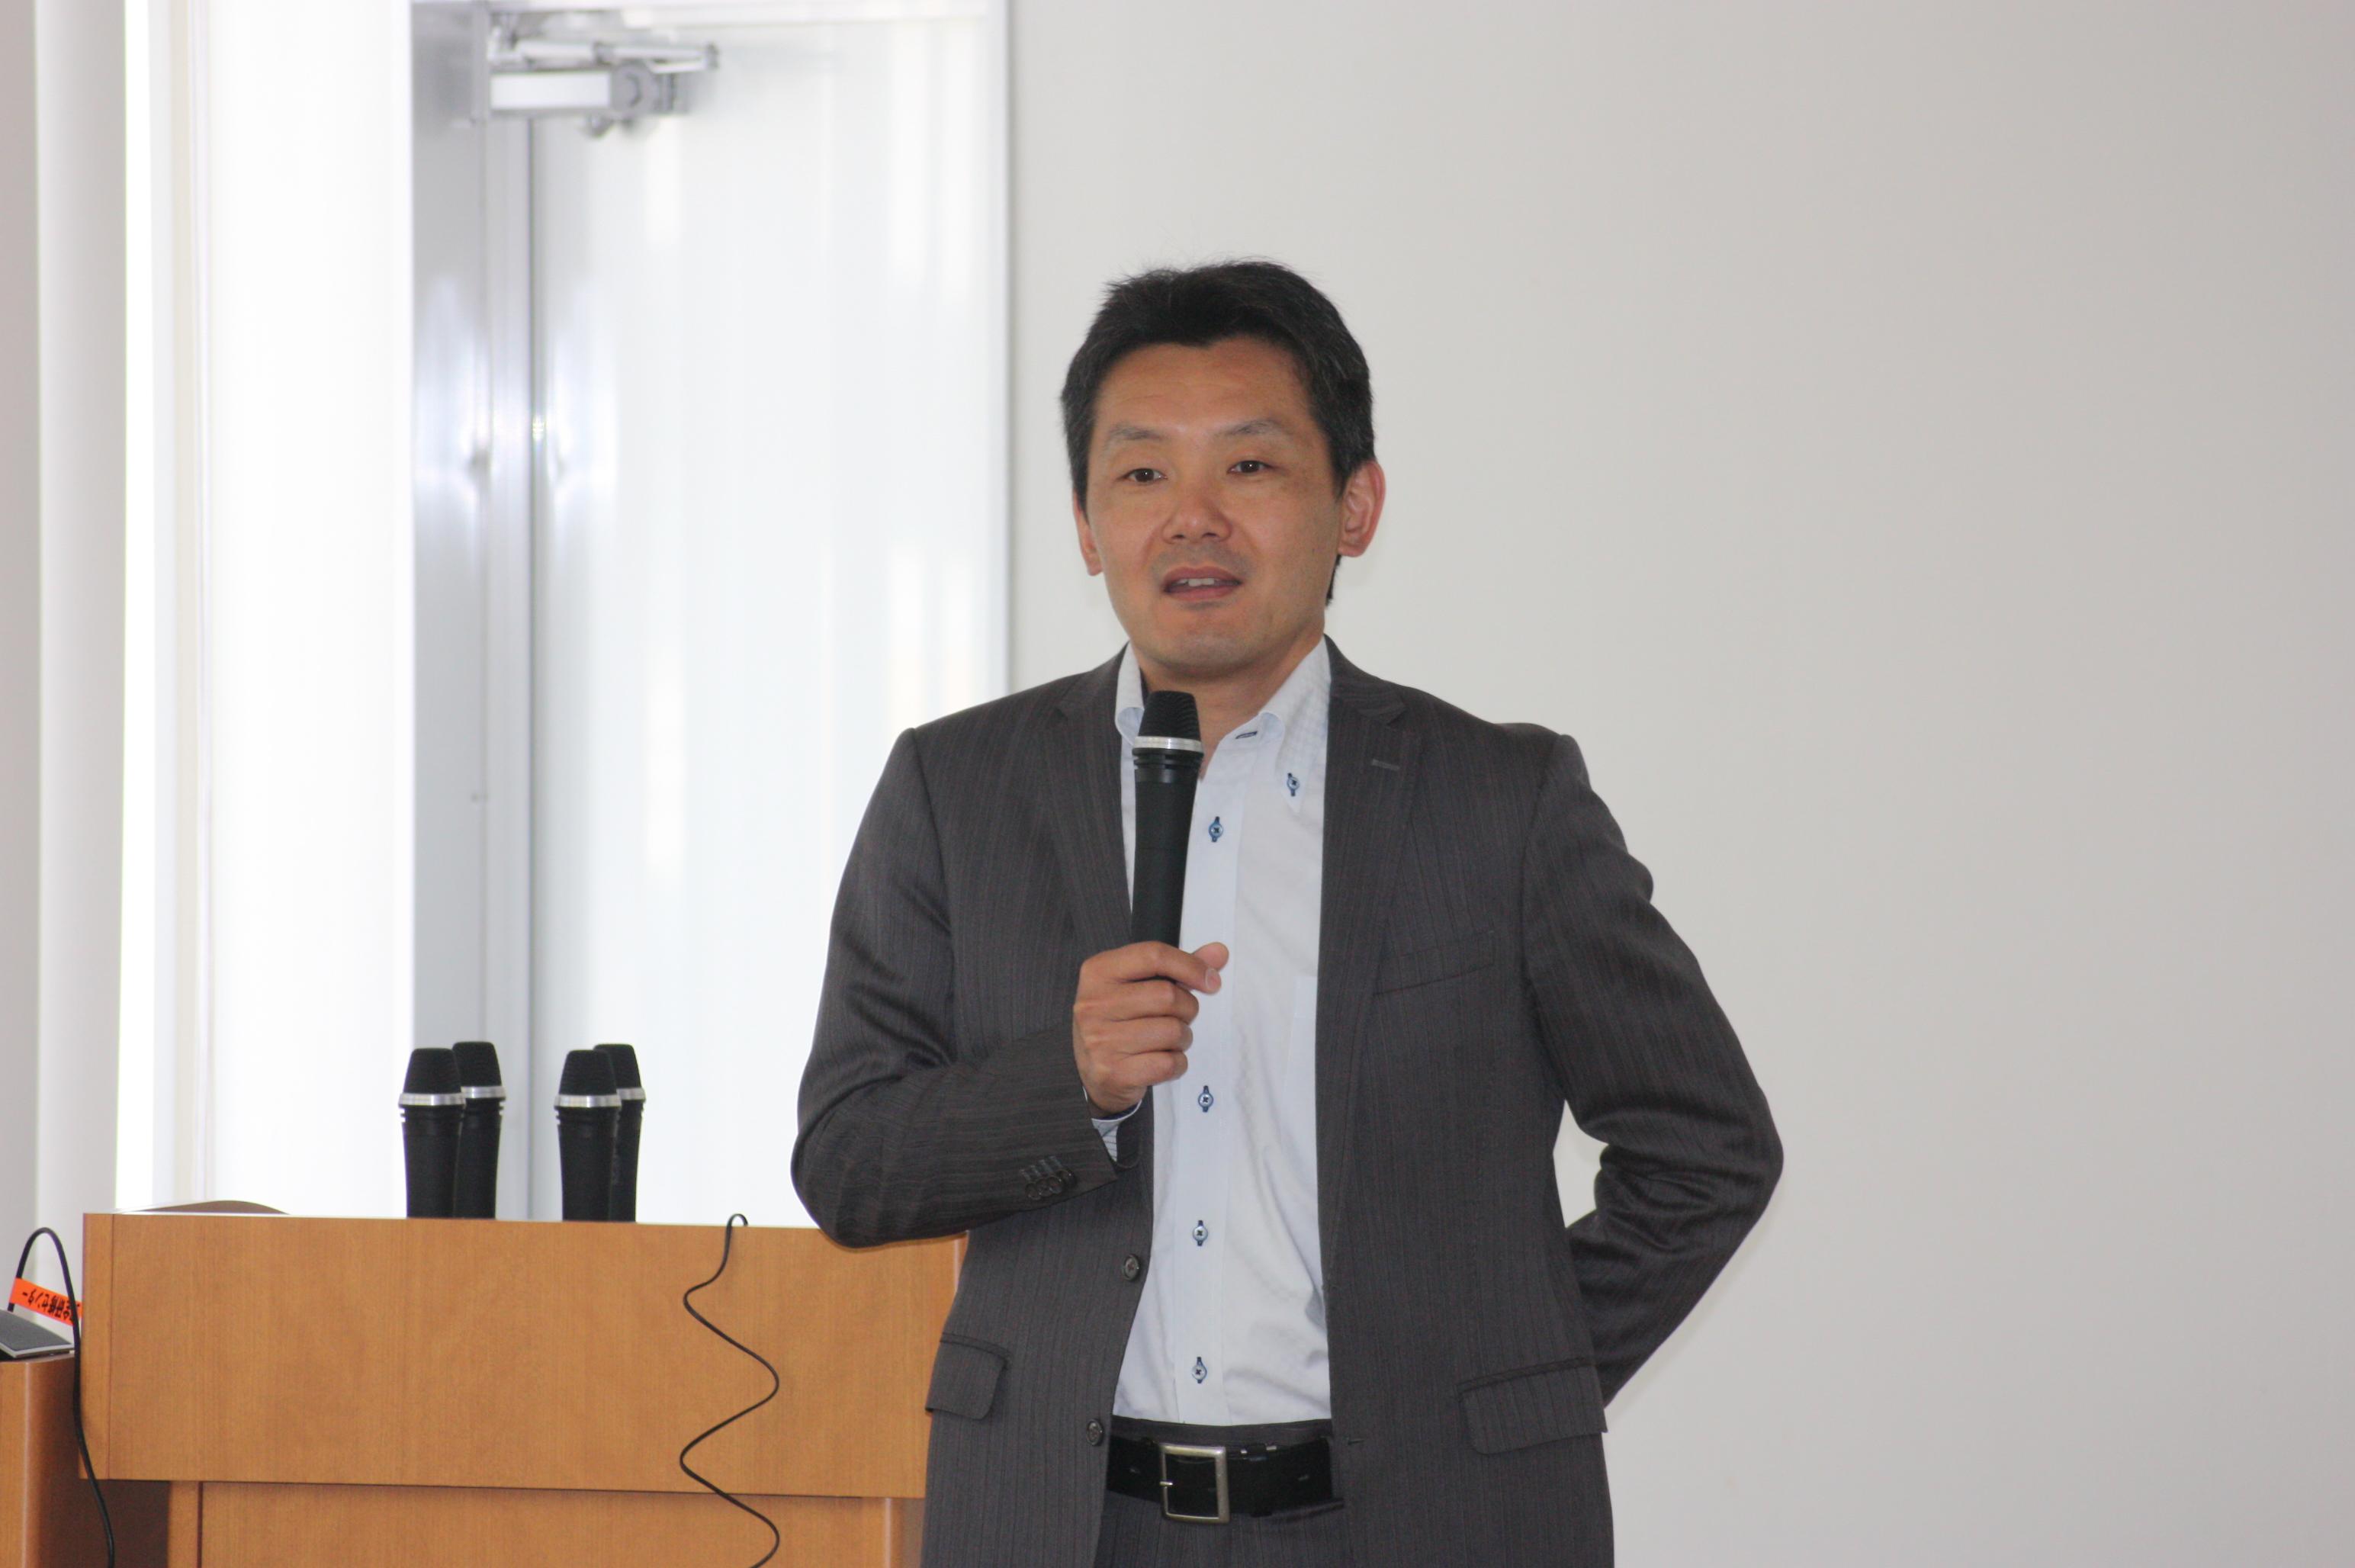 常石造船株式会社芦田琢磨取締役